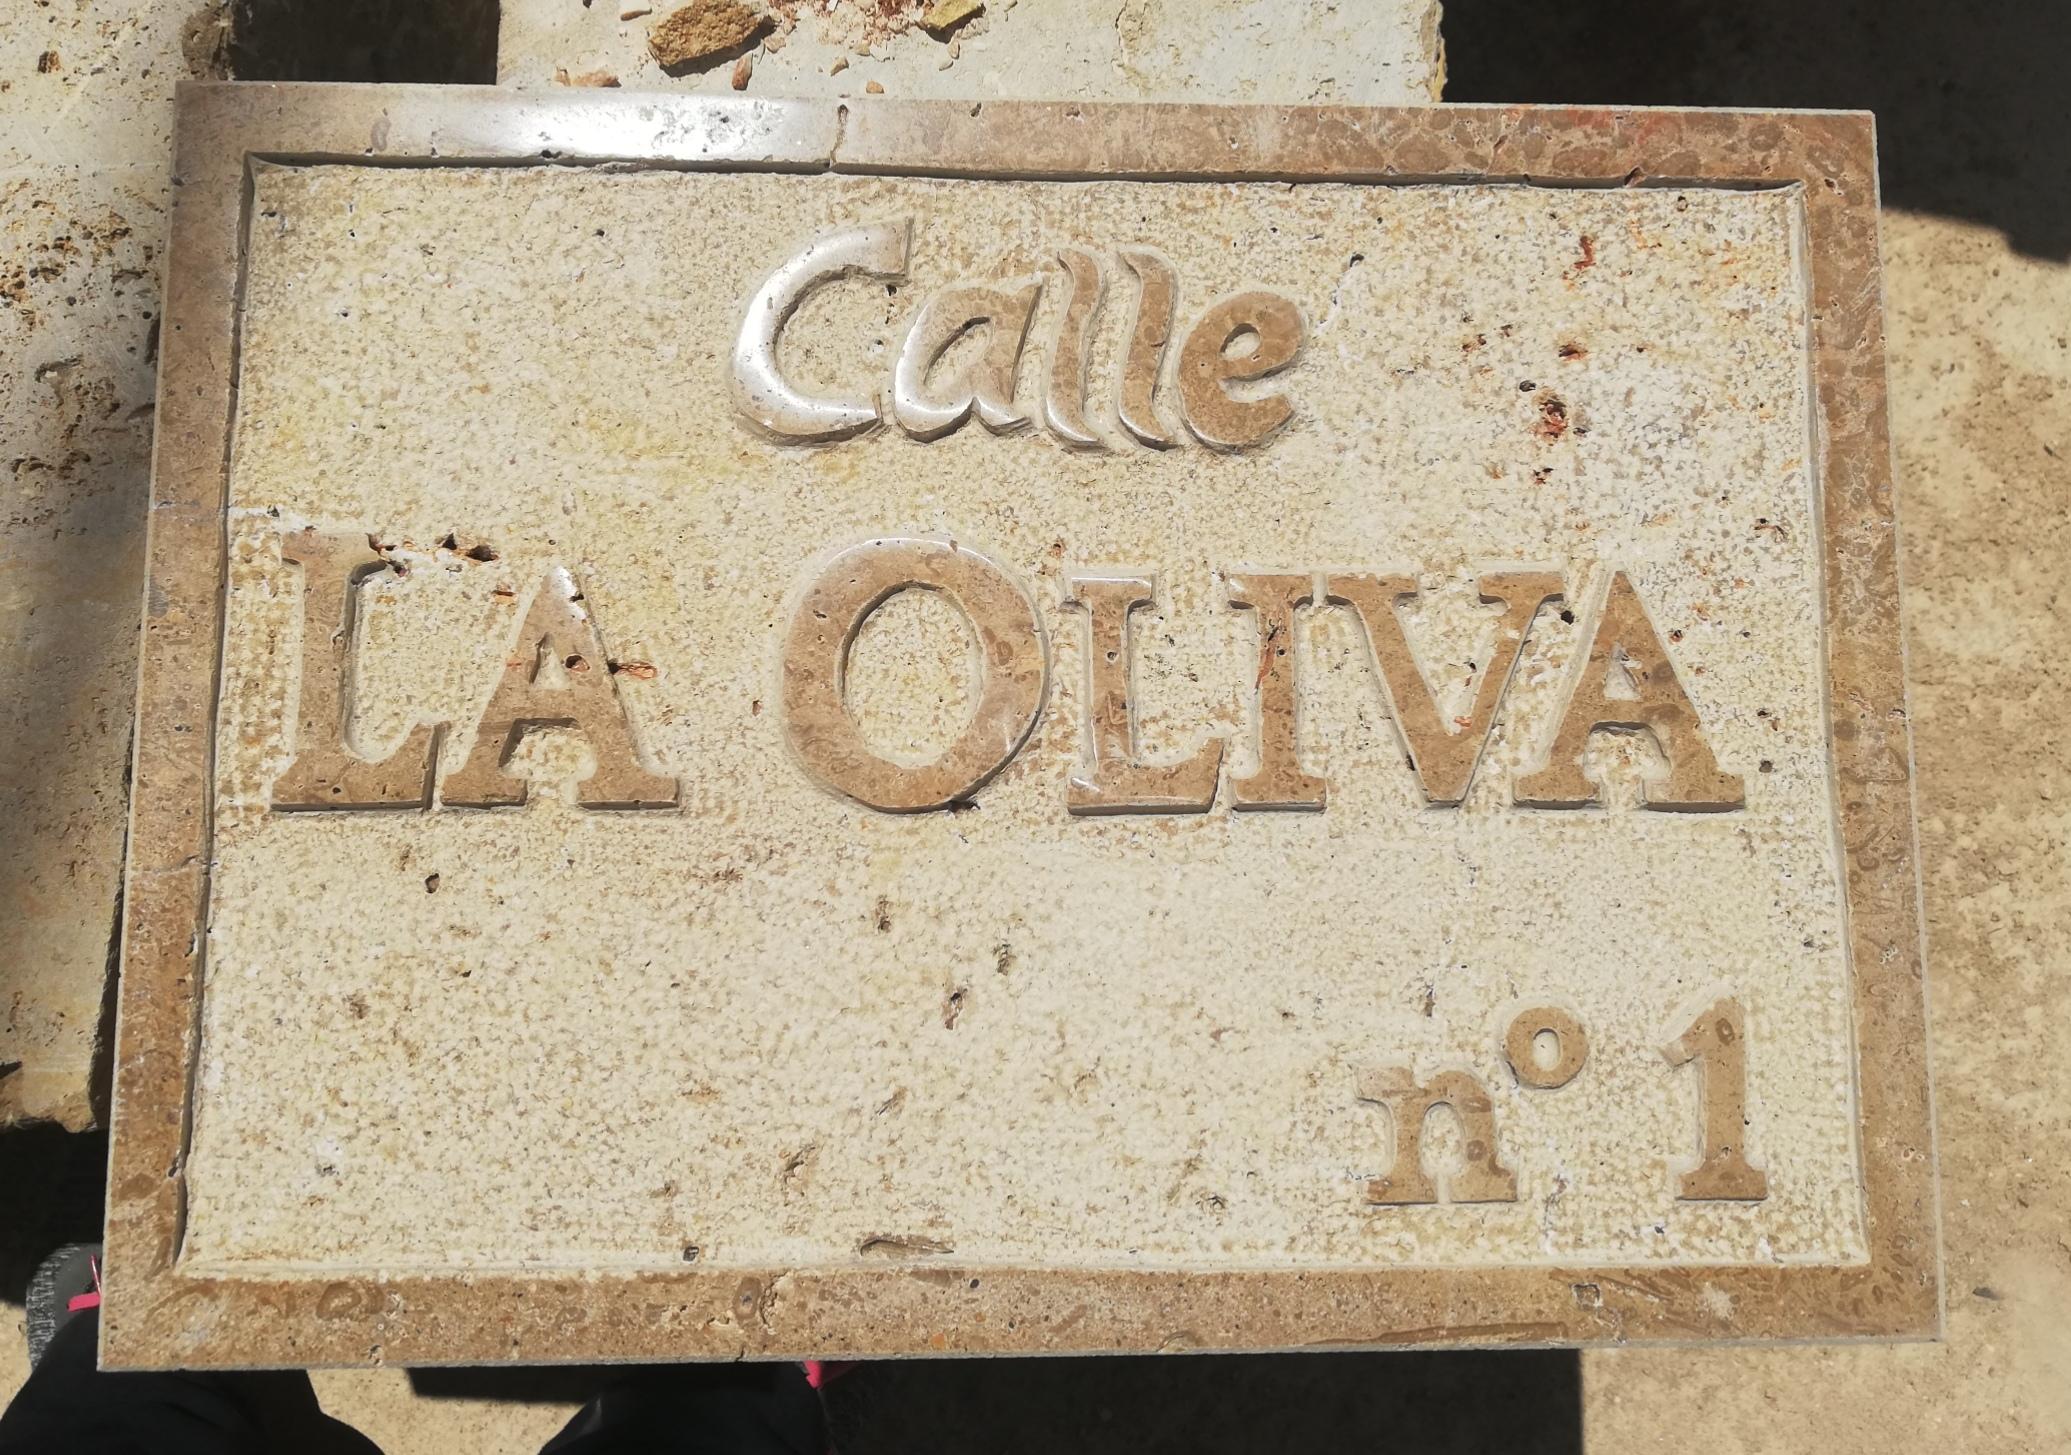 Placa calle-piedra-artesanía-talla-Trave